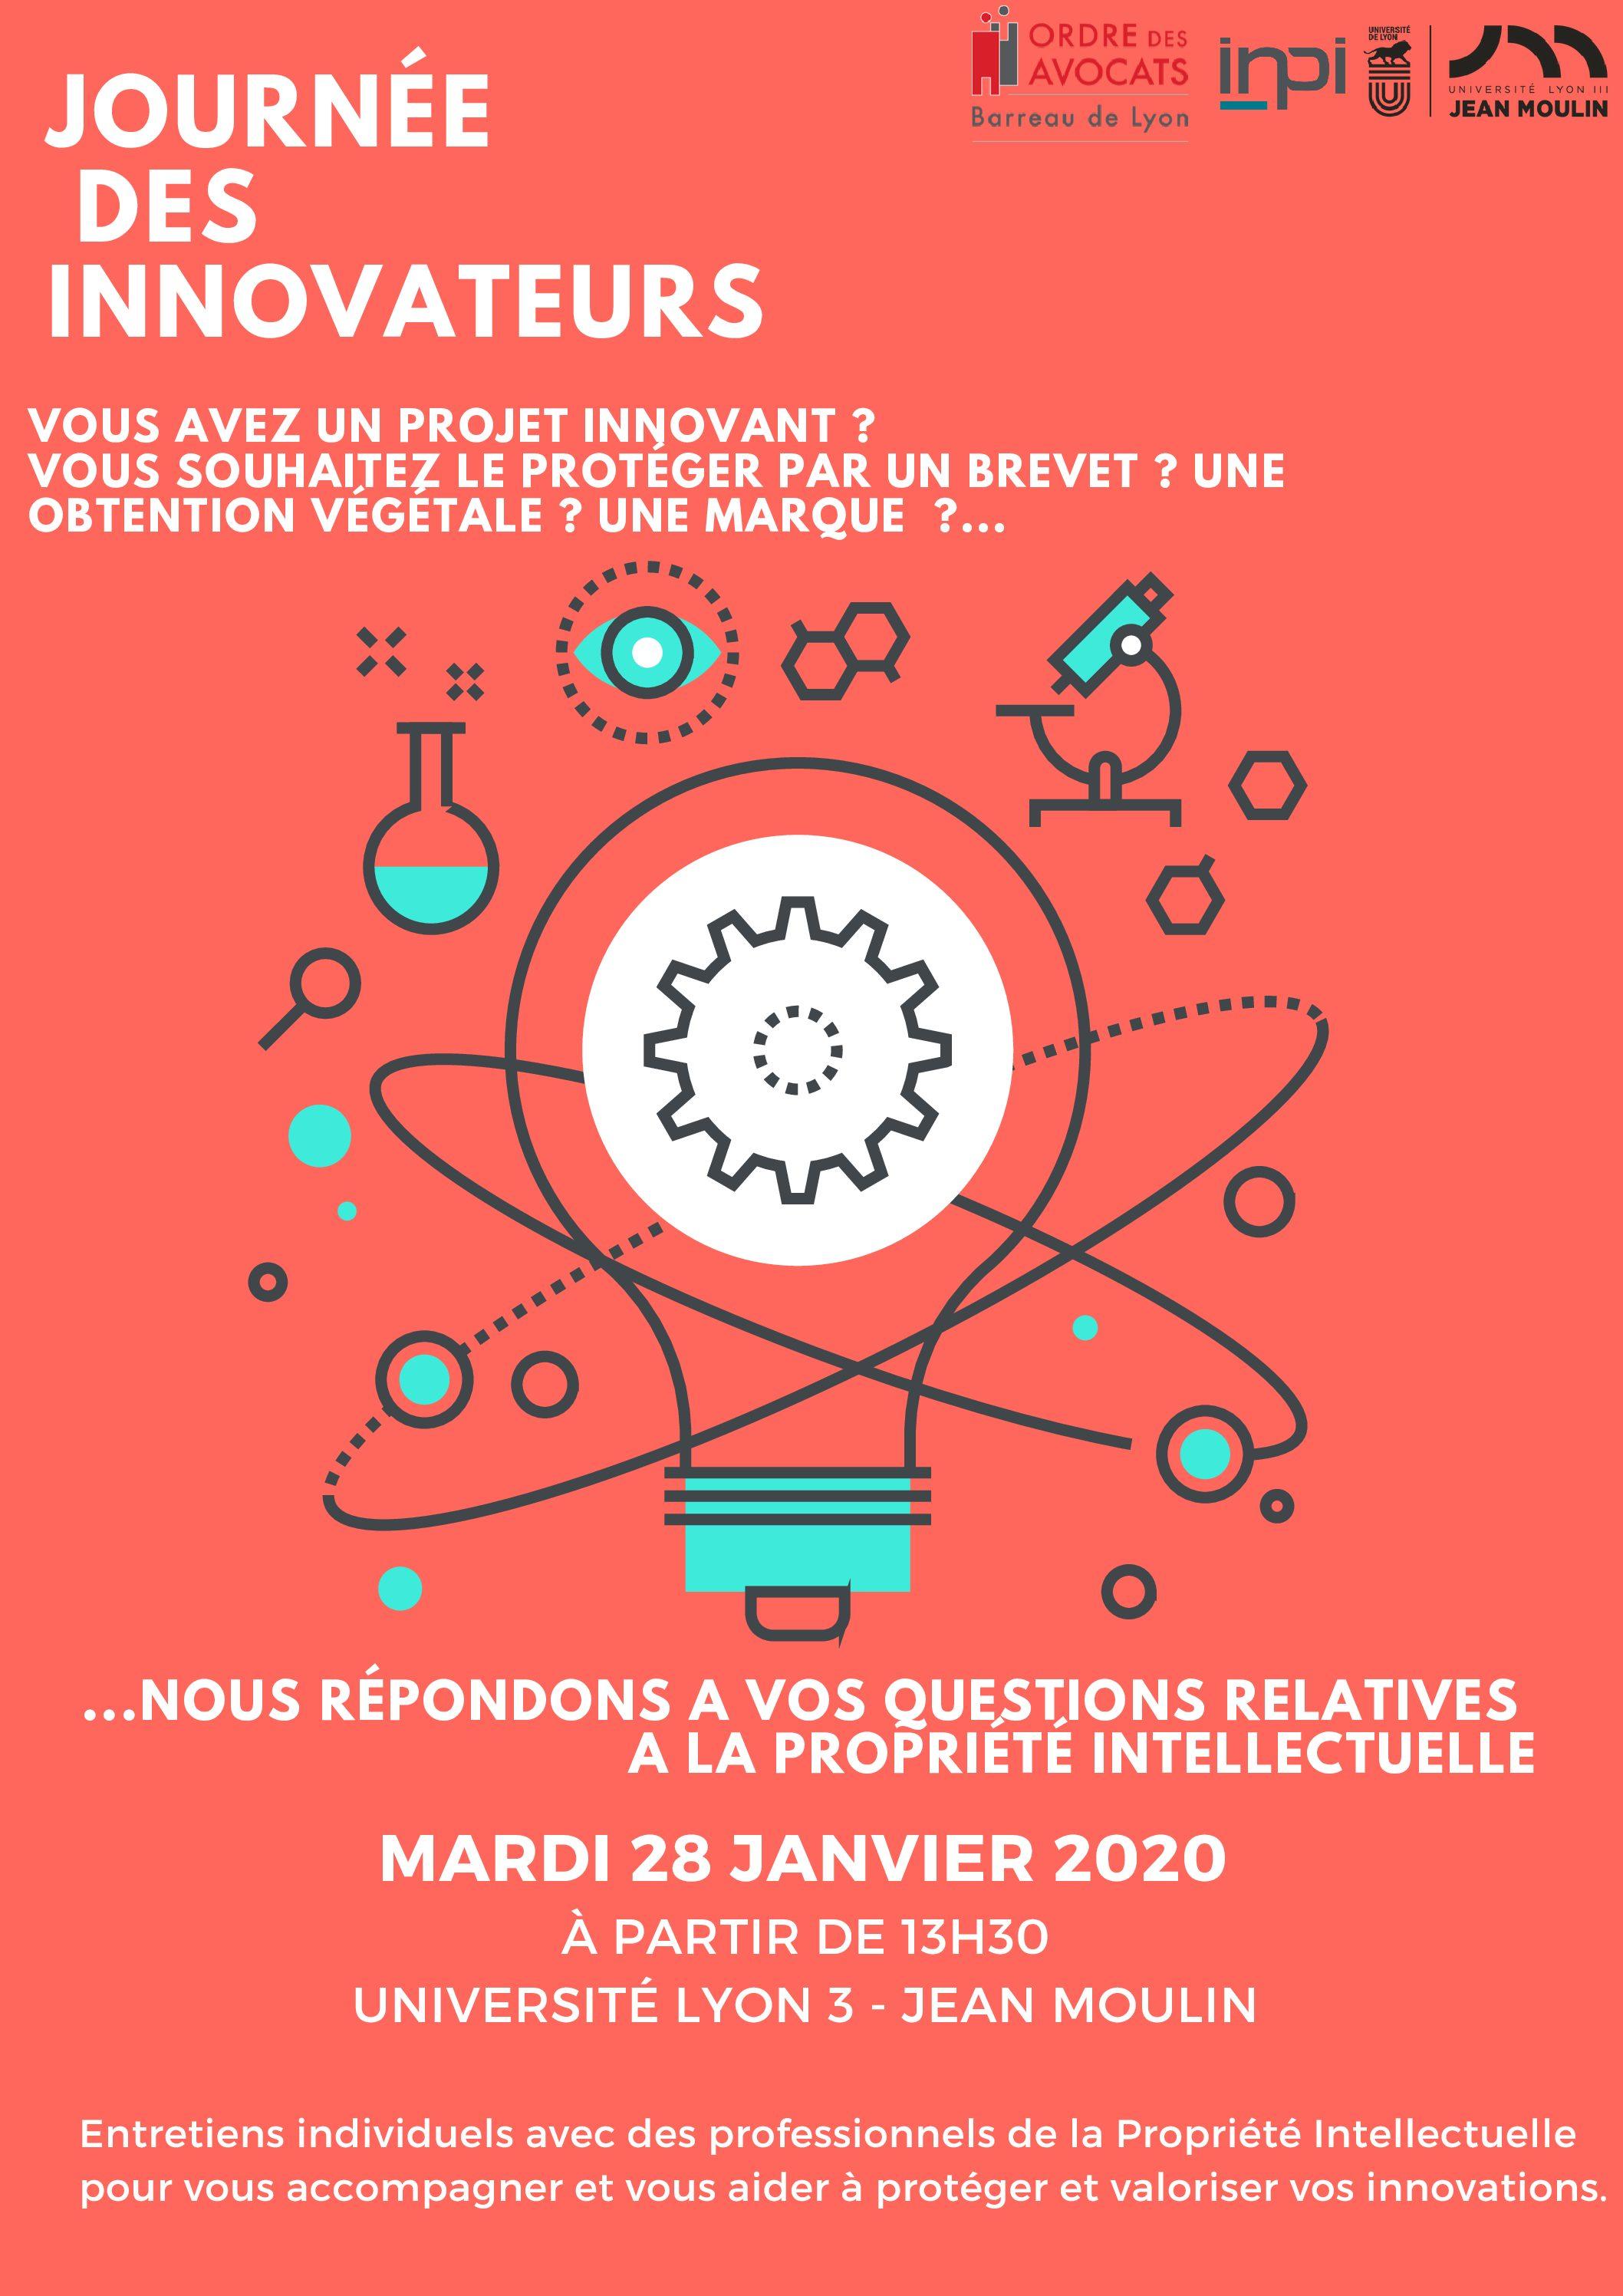 Journée des Innovateurs